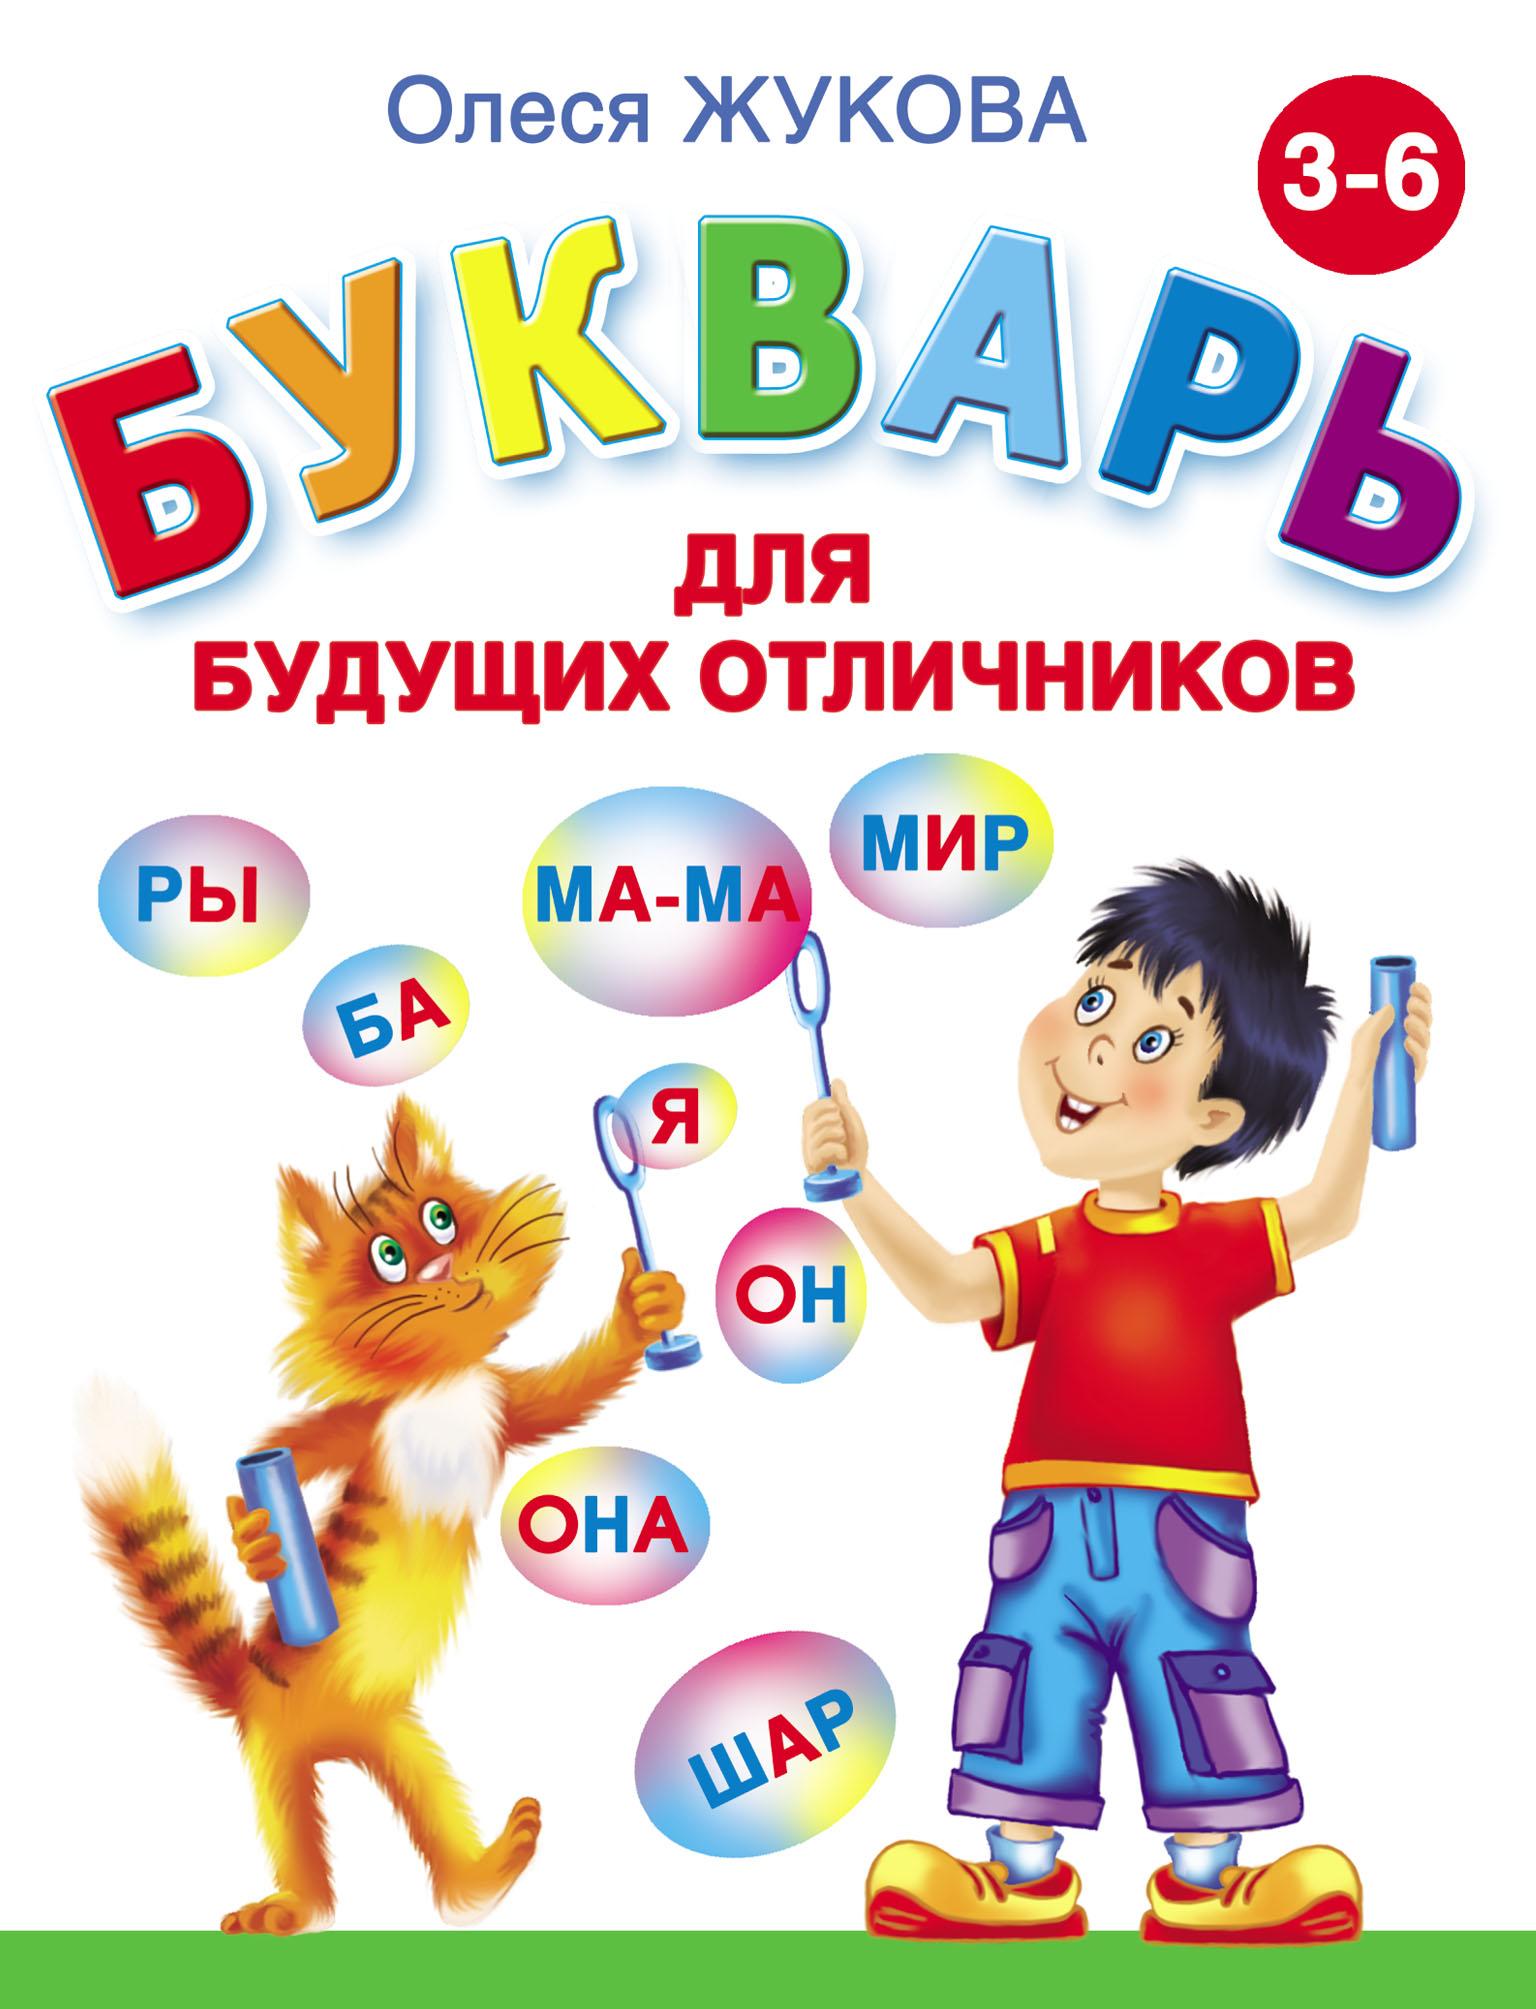 Олеся Жукова Букварь для будущих отличников издательство аст логопедический букварь олеся жукова